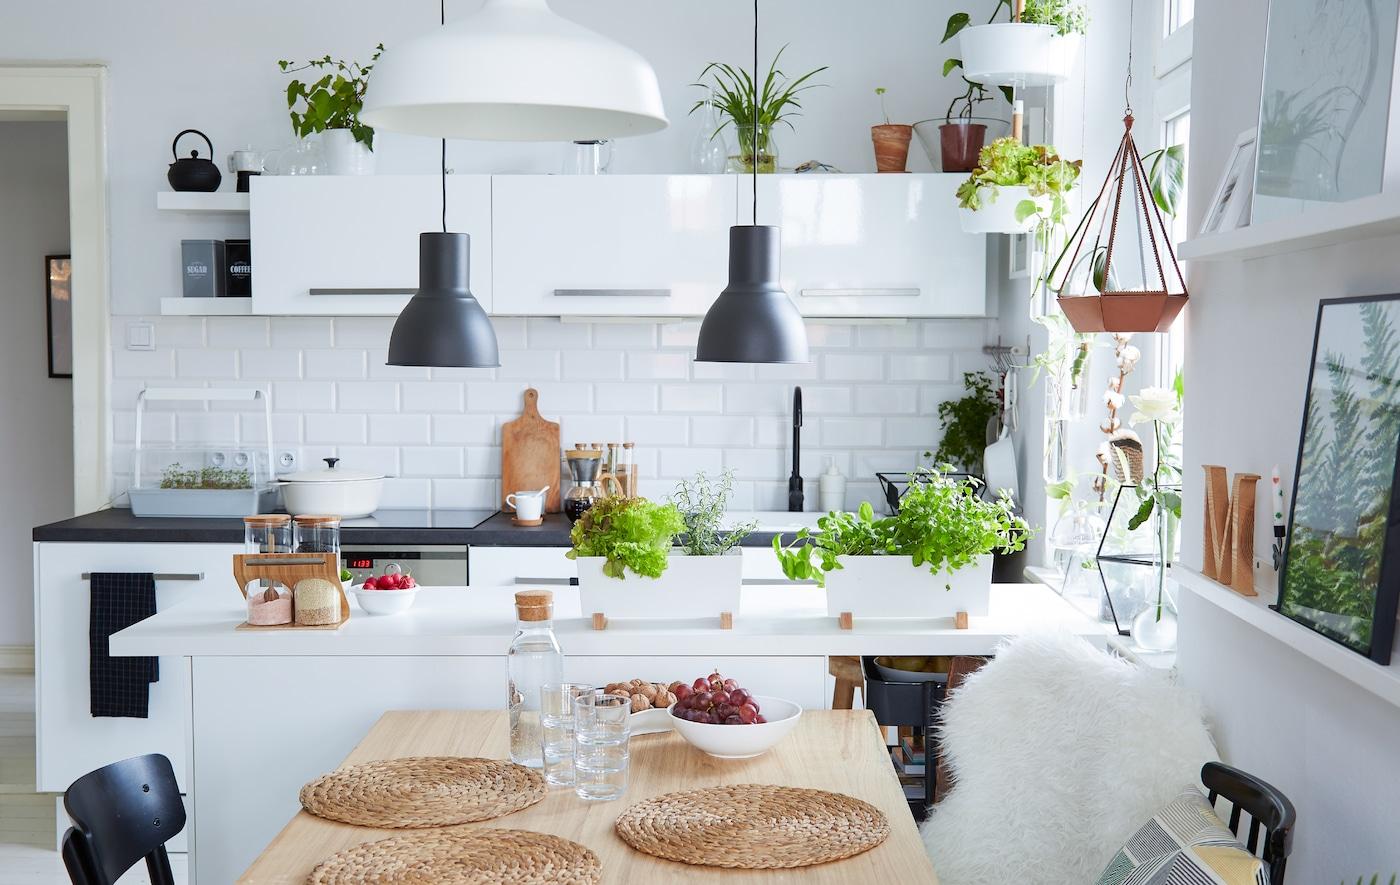 Vista lateral d'un menjador i una cuina de planta oberta. Dos llums d'estil industrial que pengen en una illa de cuina.